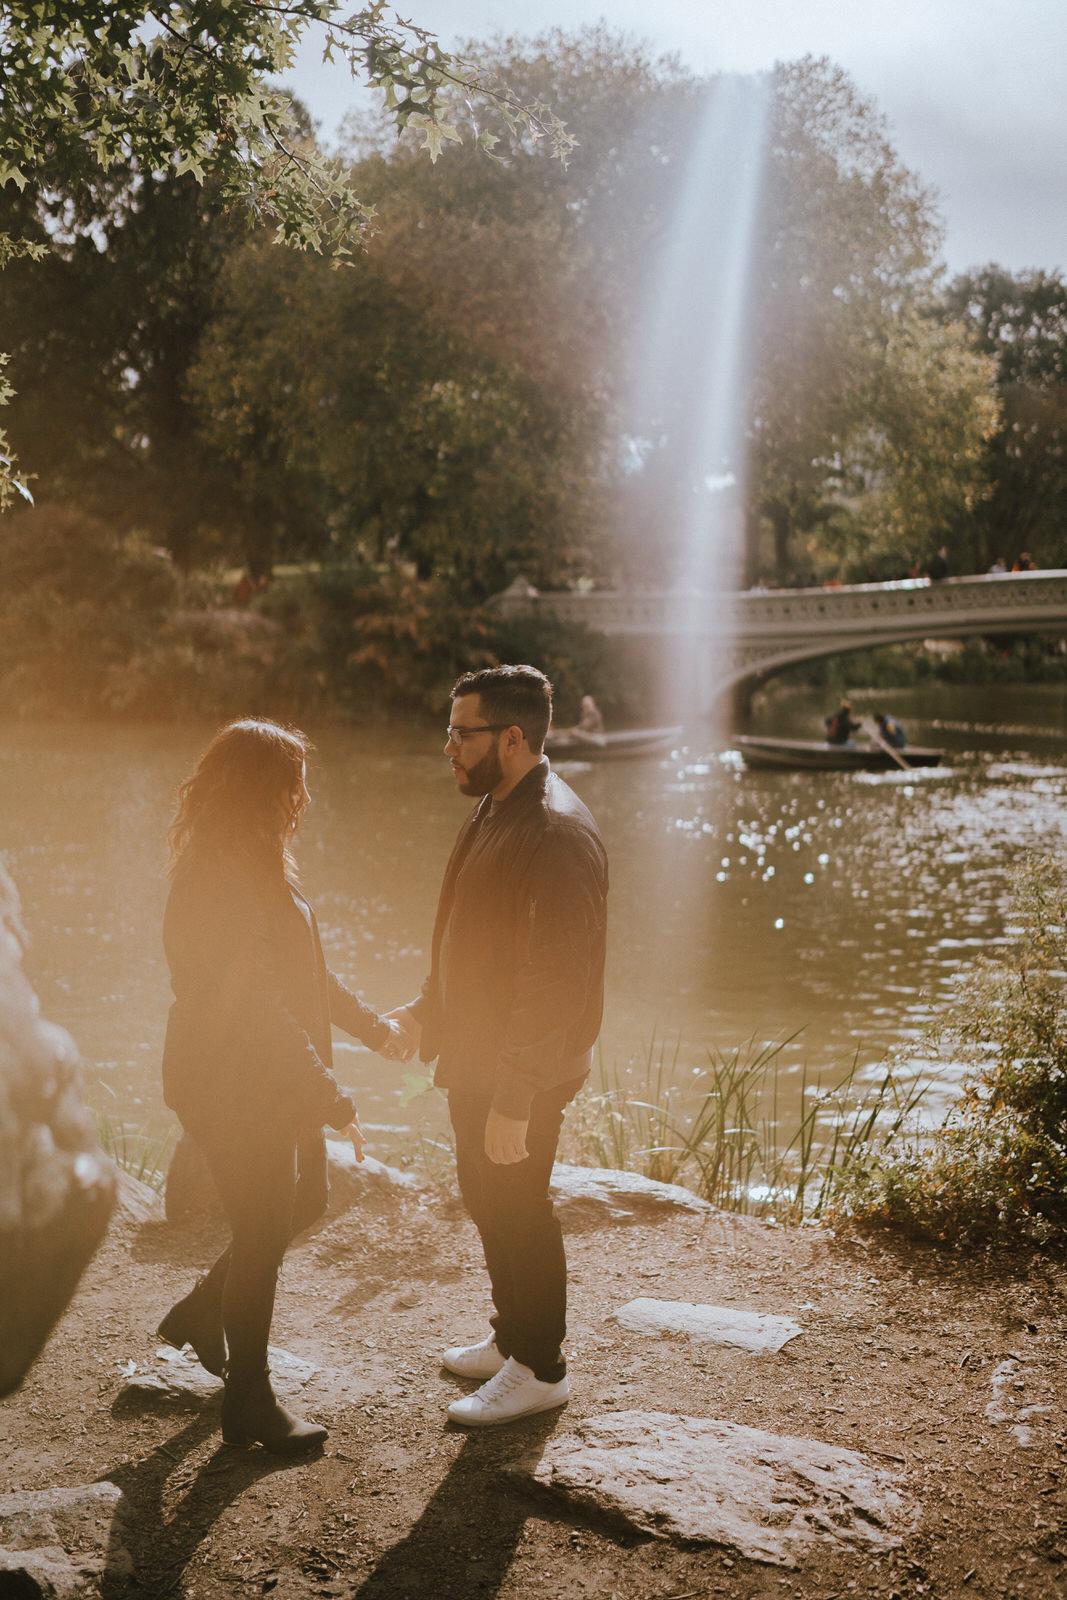 Central Park Engagement Photos-Bow Bridge-Michelle Gonzalez Photography-Alyssa and Cecilio-8.JPG